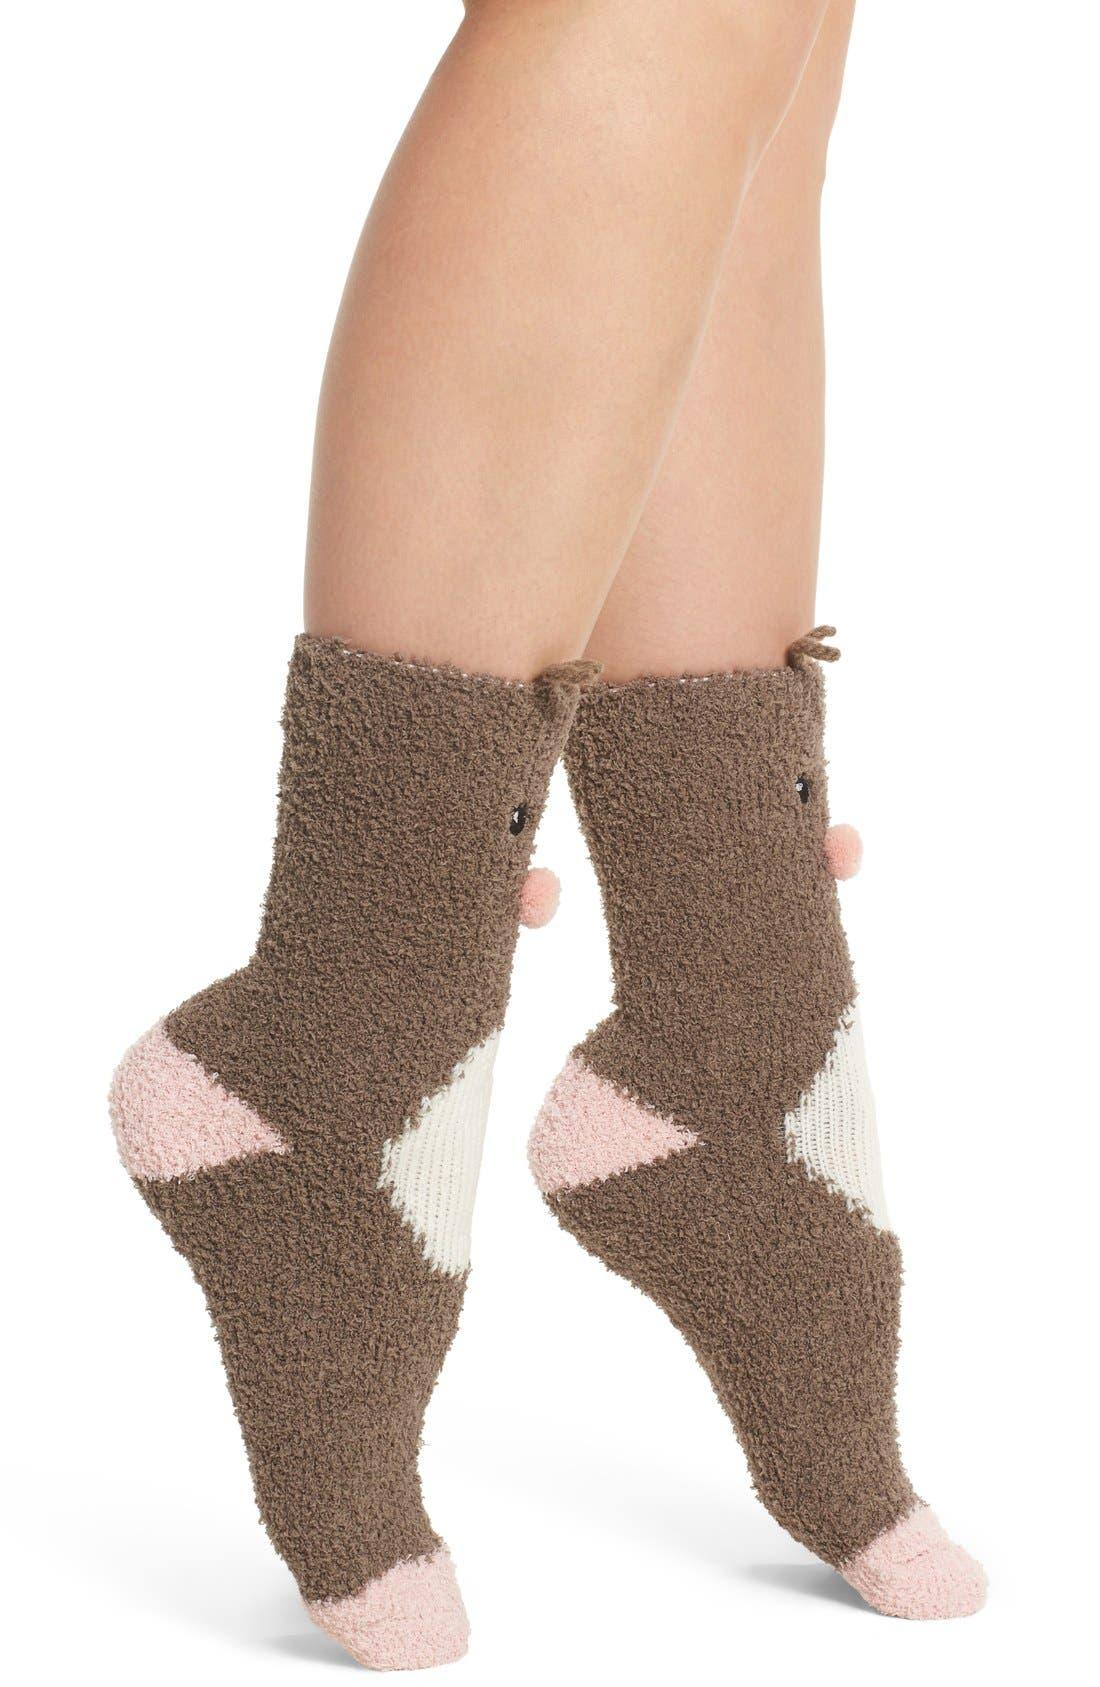 Deer Plush Socks,                             Alternate thumbnail 2, color,                             200